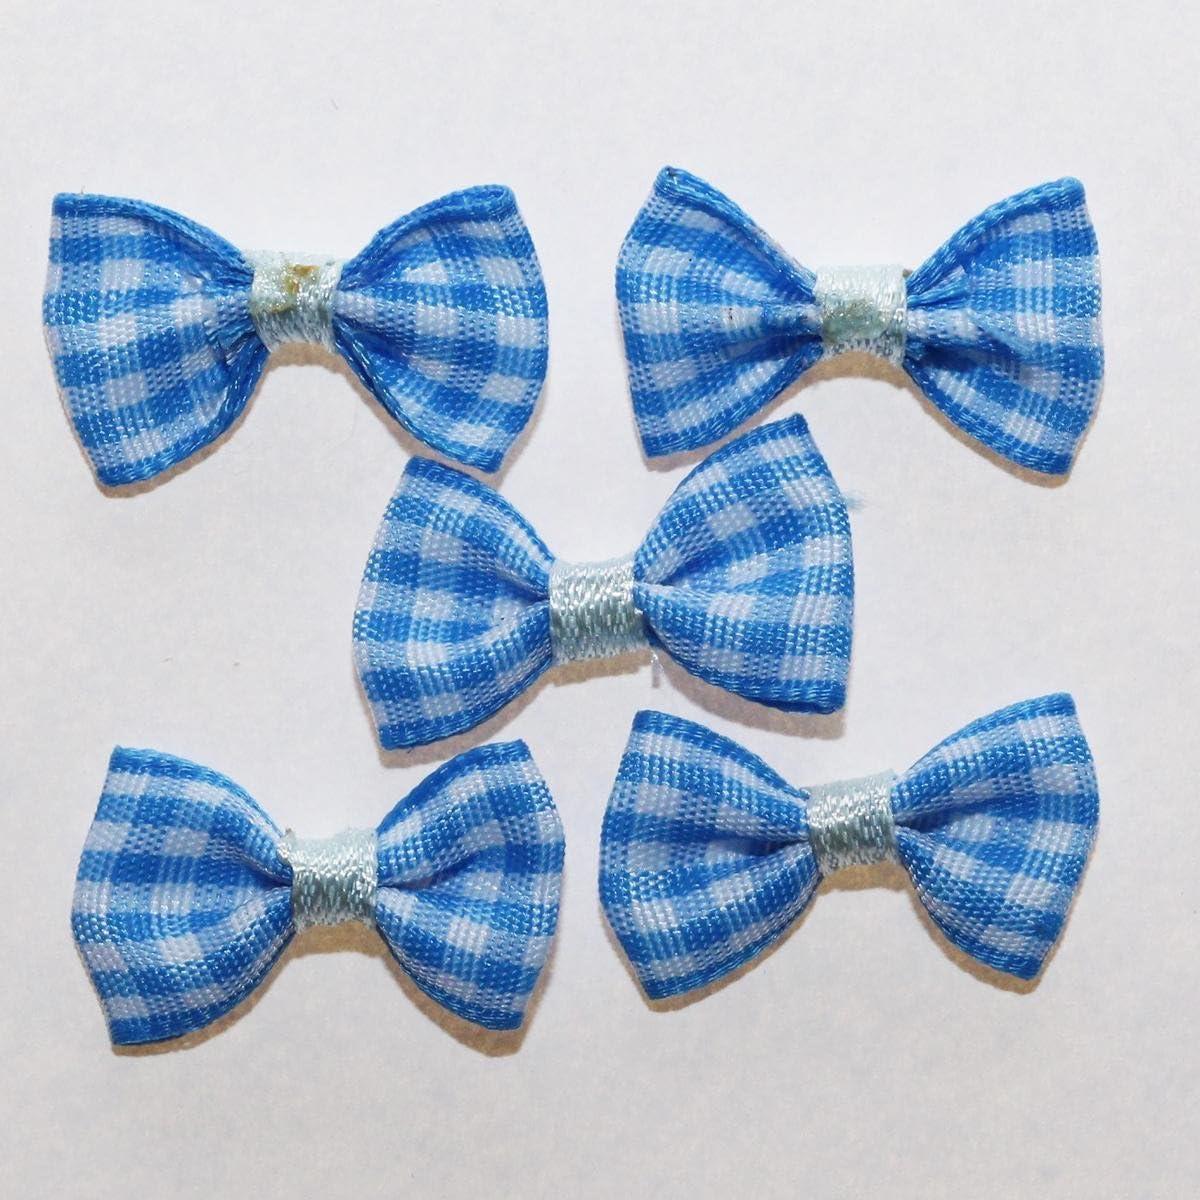 Bleu Pour Scrapbooking Couture D/éco 20 x Noeuds en Ruban Vichy Carreaux